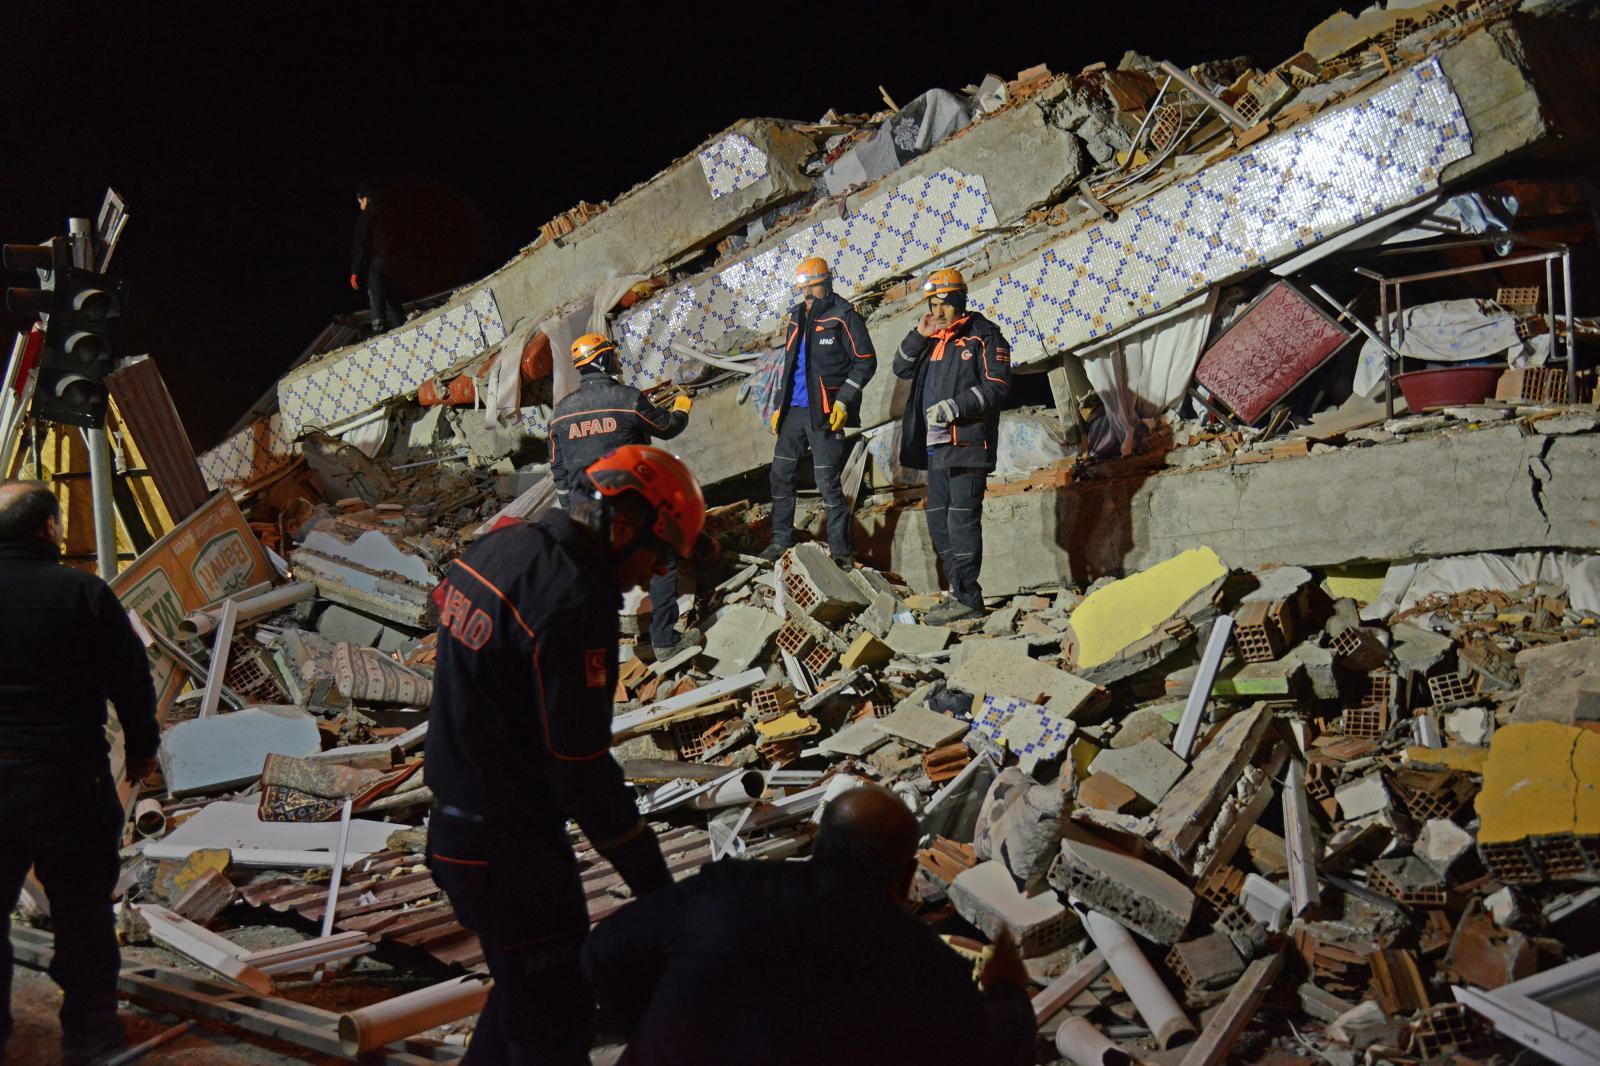 แผ่นดินไหว 6.7 เขย่าตุรกี เสียชีวิตอย่างน้อย 14 คน